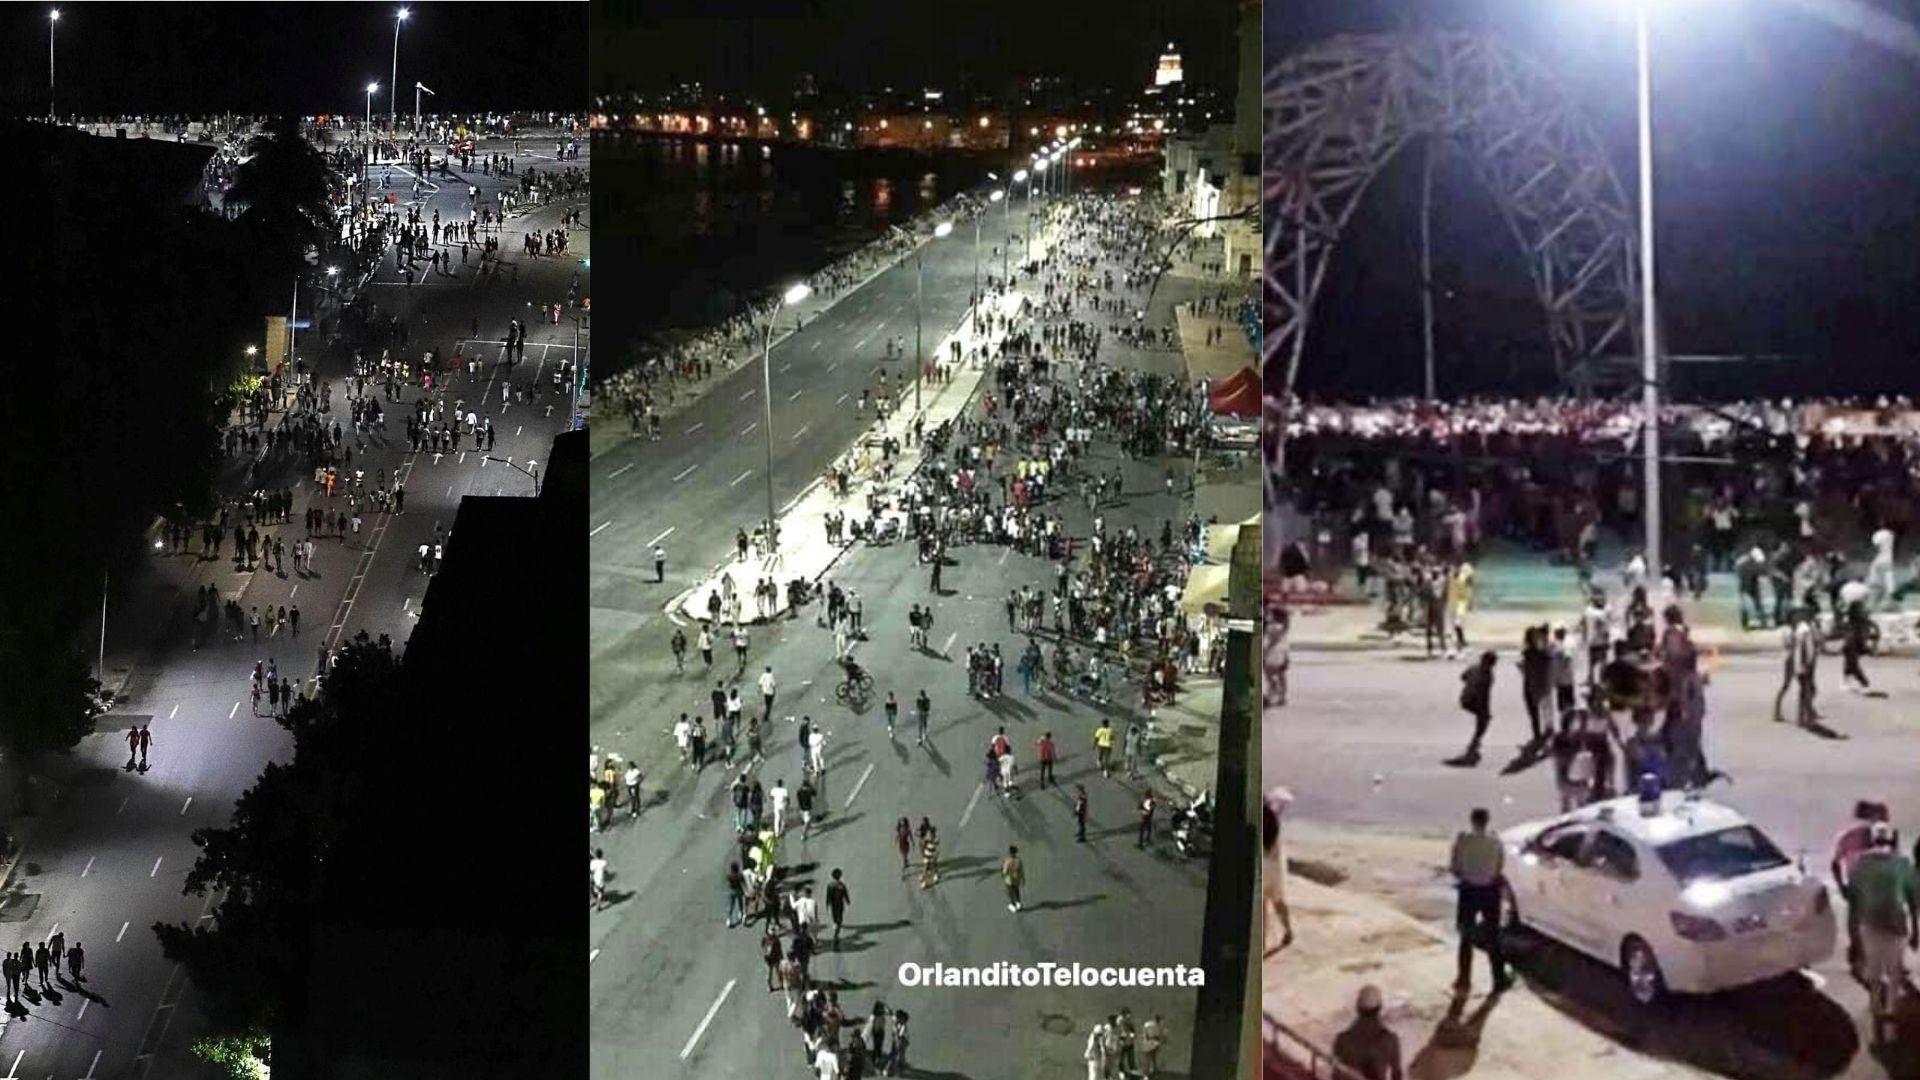 Las aglomeraciones en el Malecón de La Habana durante el fin de semana generan polémica en las redes sociales